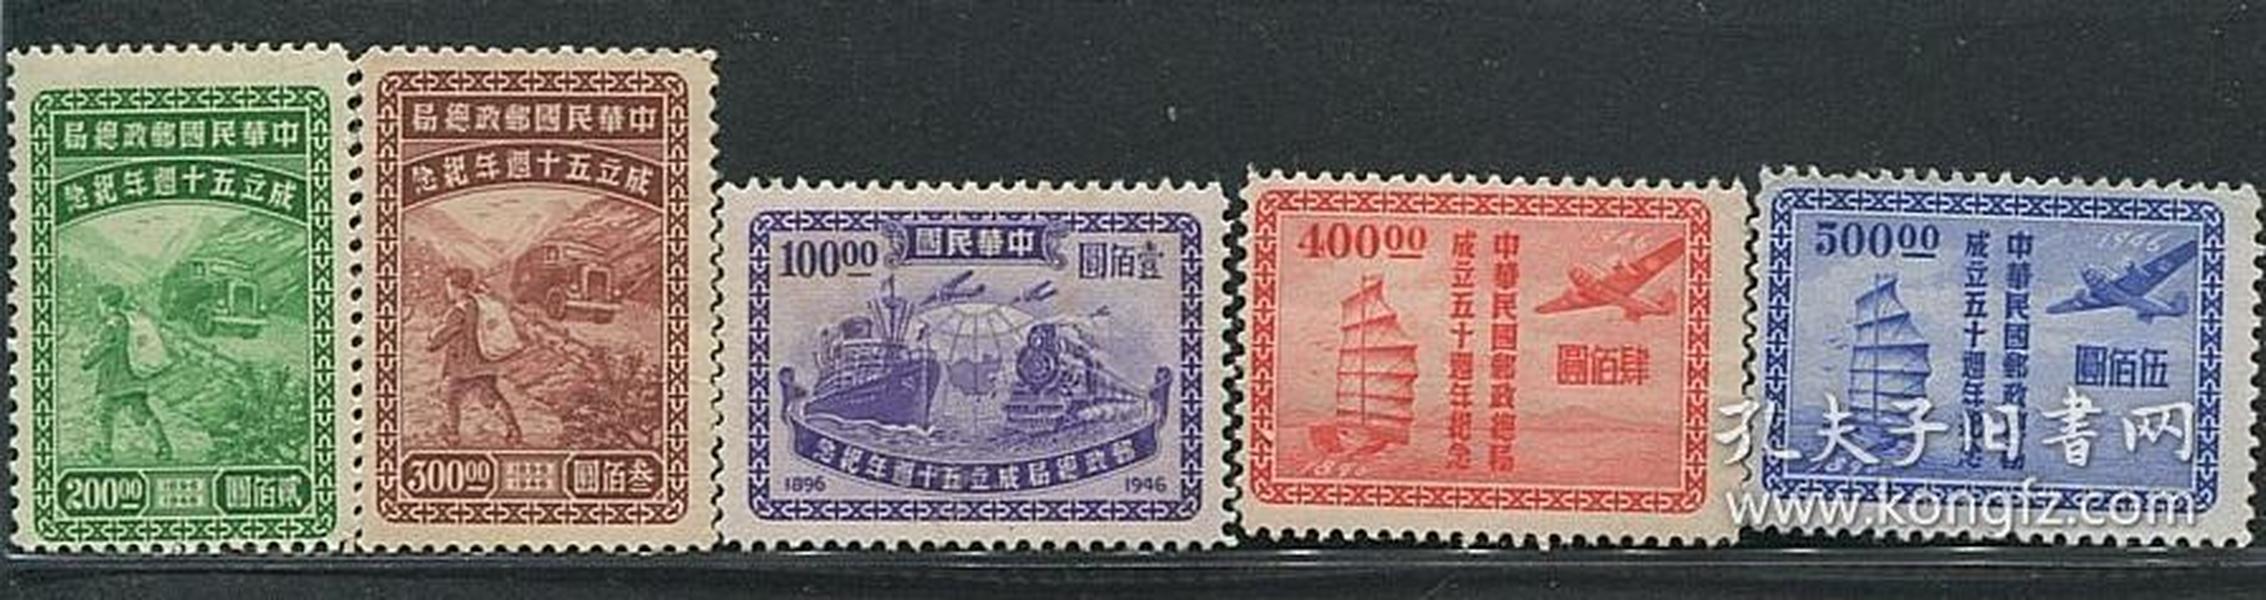 民国 纪25   中华民国邮政总局成立五十周年纪念新全  (上品原胶个别轻帖)